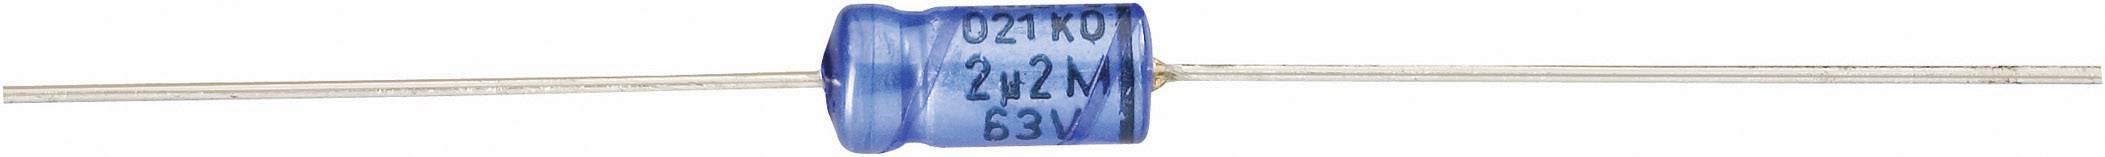 Elektrolytický kondenzátor Vishay 2222 021 38478, axiálne vývody, 4.7 µF, 63 V, 20 %, 1 ks